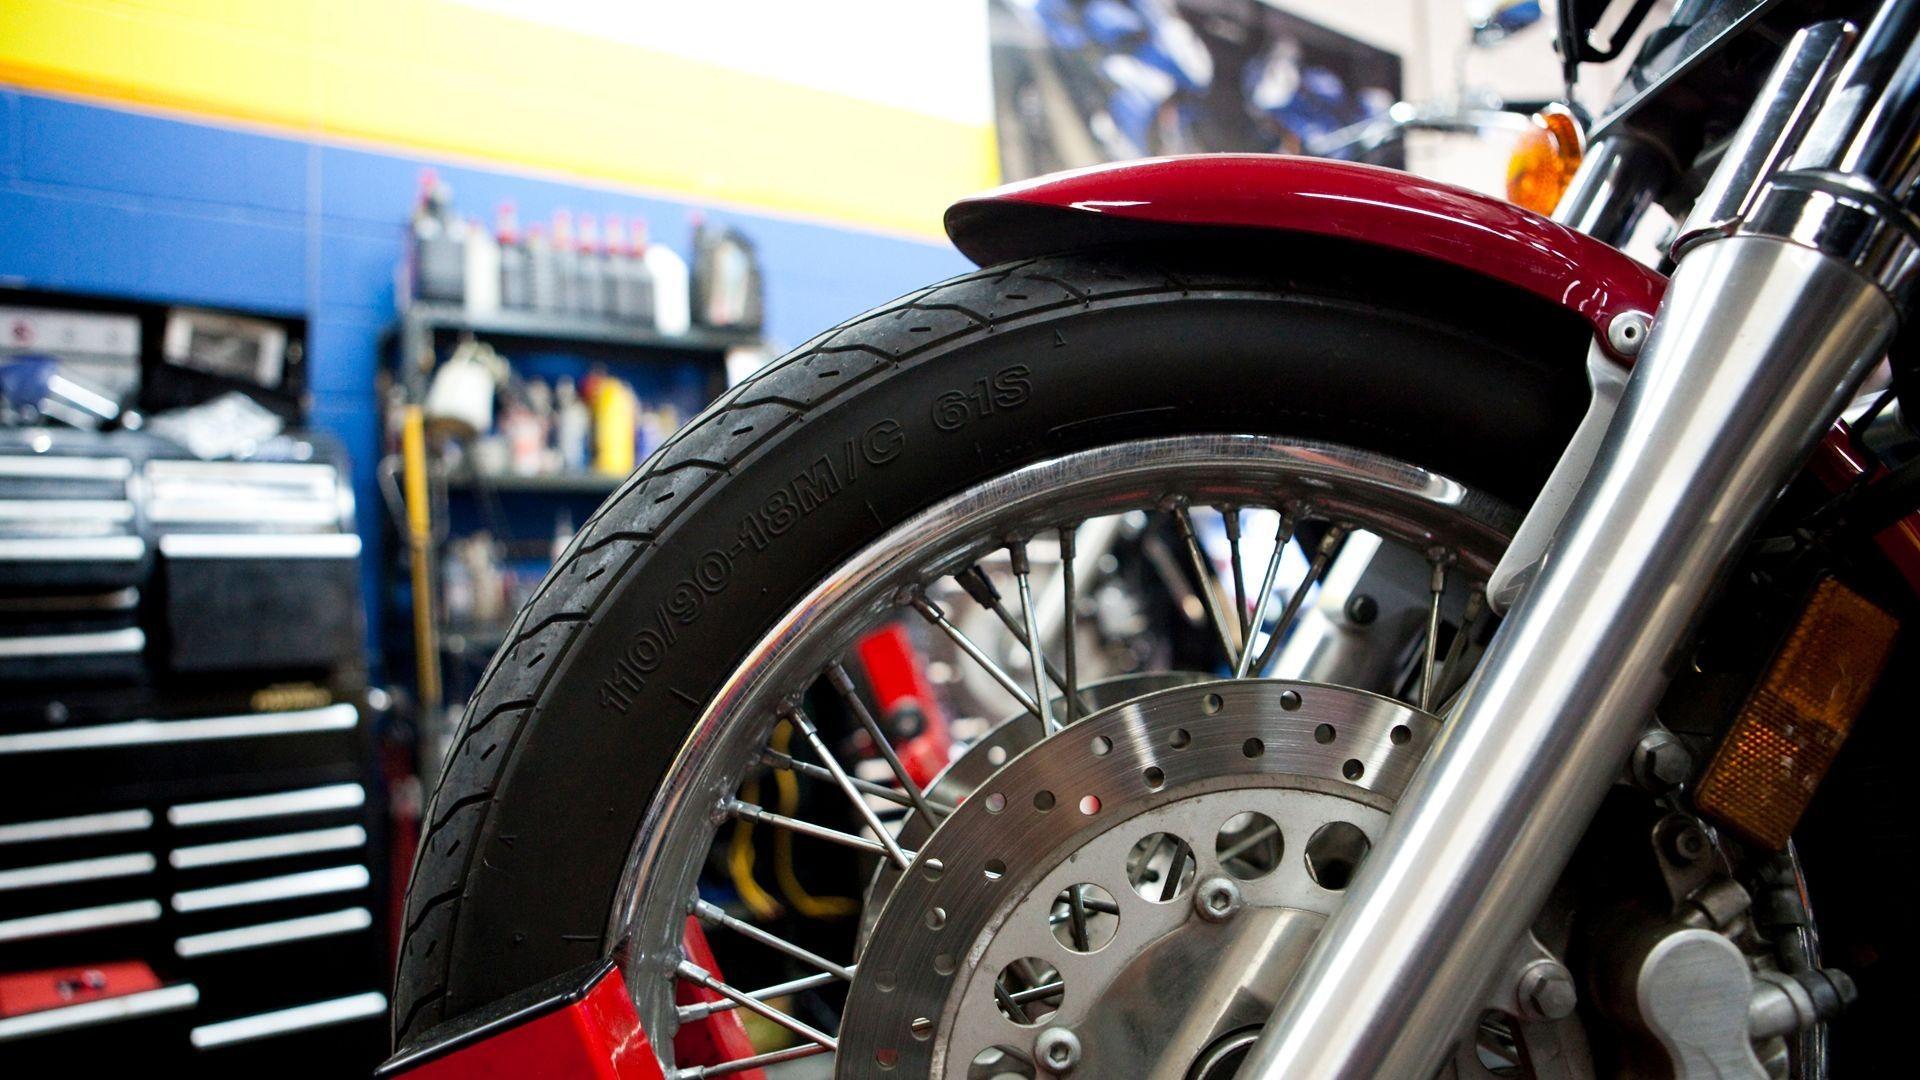 Taller especializado en motos en Vejer de la Frontera